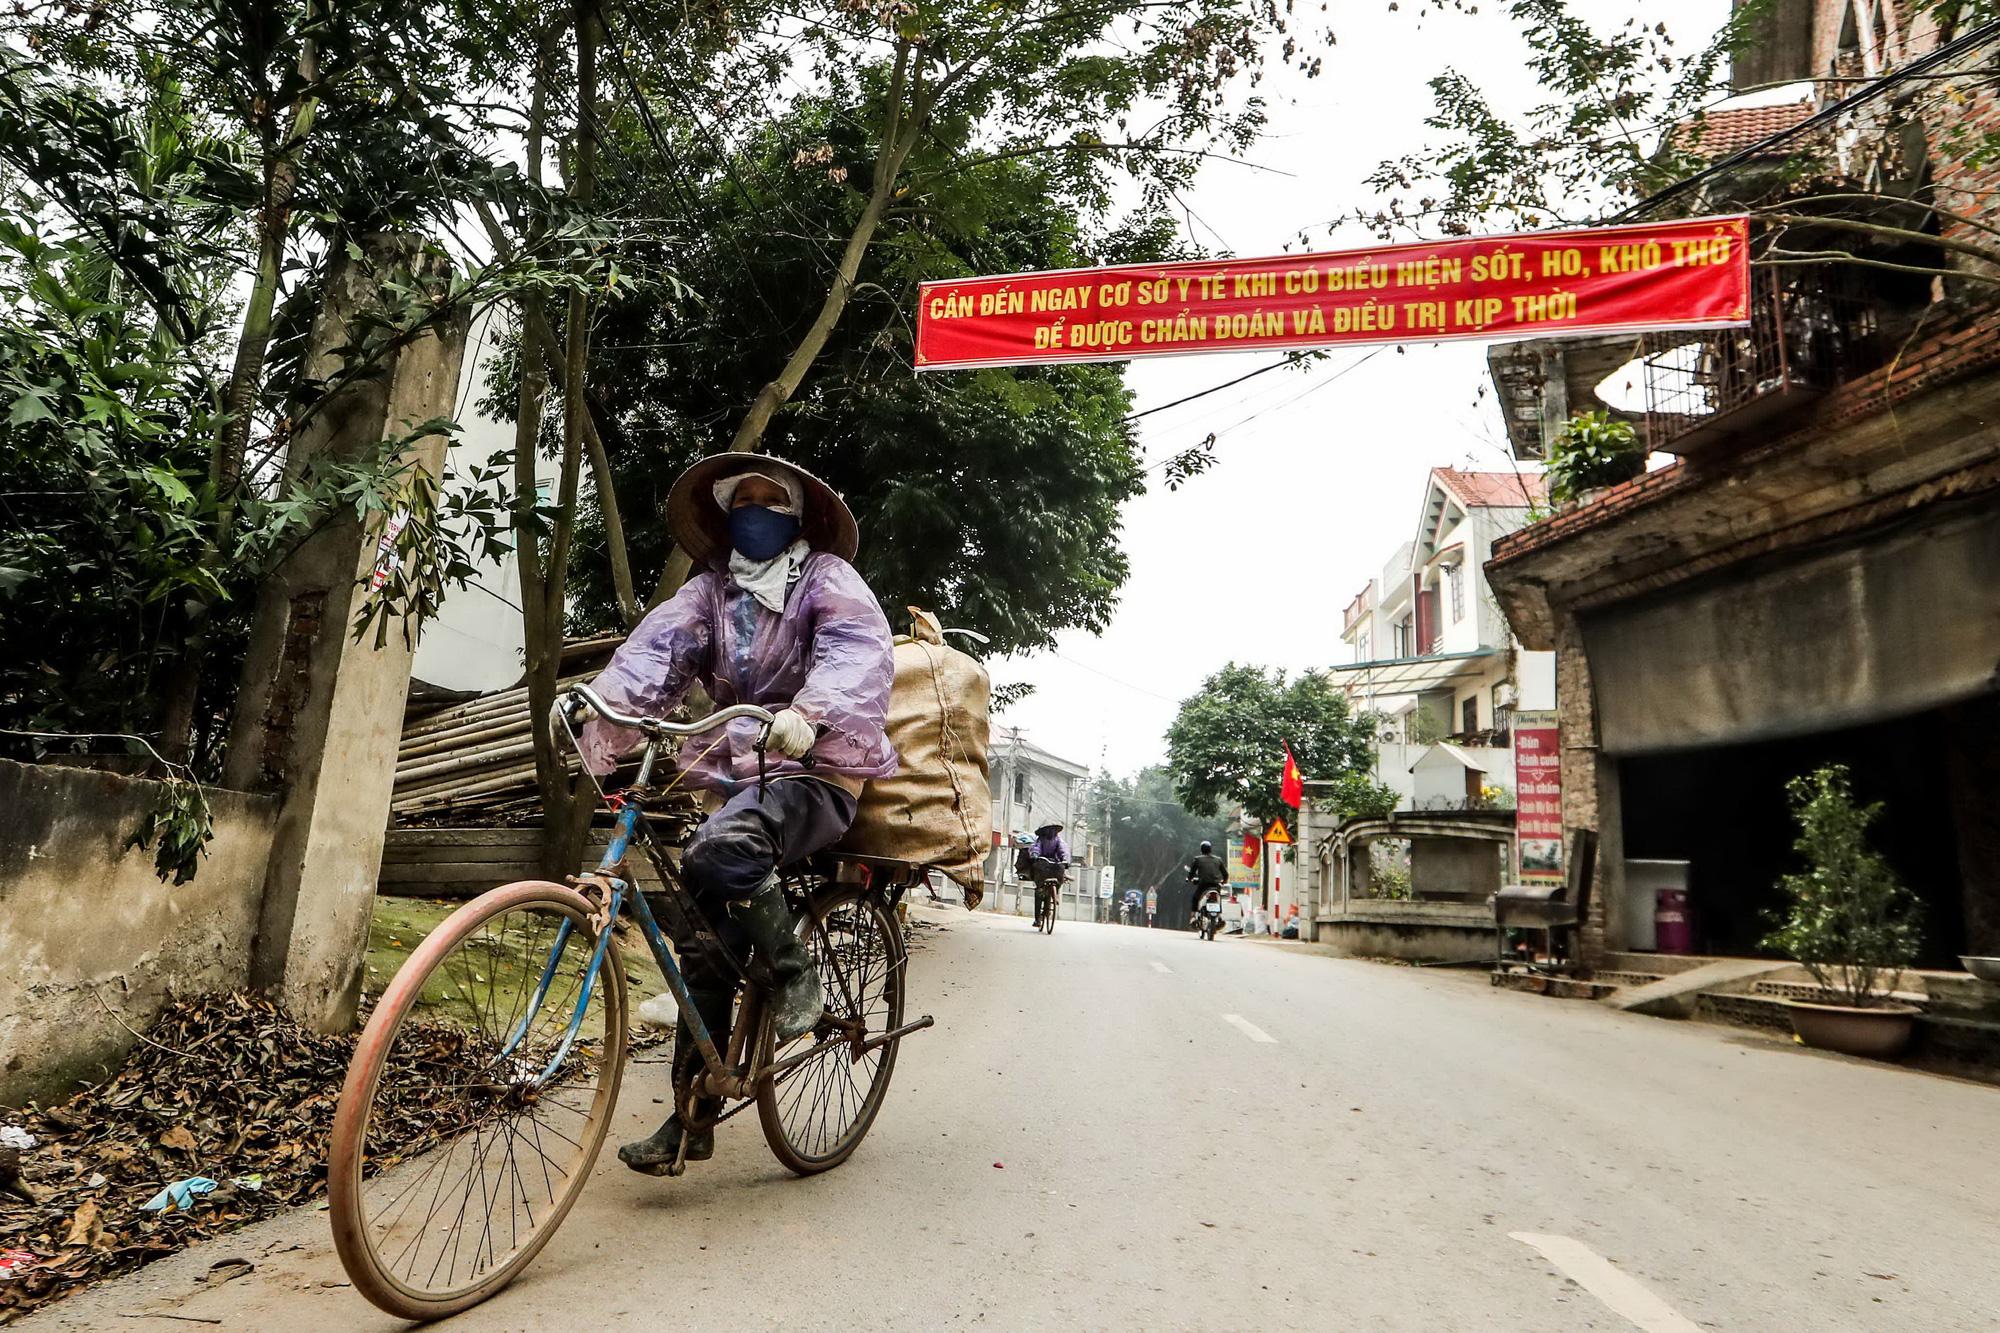 Các băngrôn về dịch bệnh virus corona được treo tại con đường trục chính của xã Sơn Lôi, huyện Bình Xuyên, tỉnh Vĩnh Phúc. (Ảnh qua tuoitre)